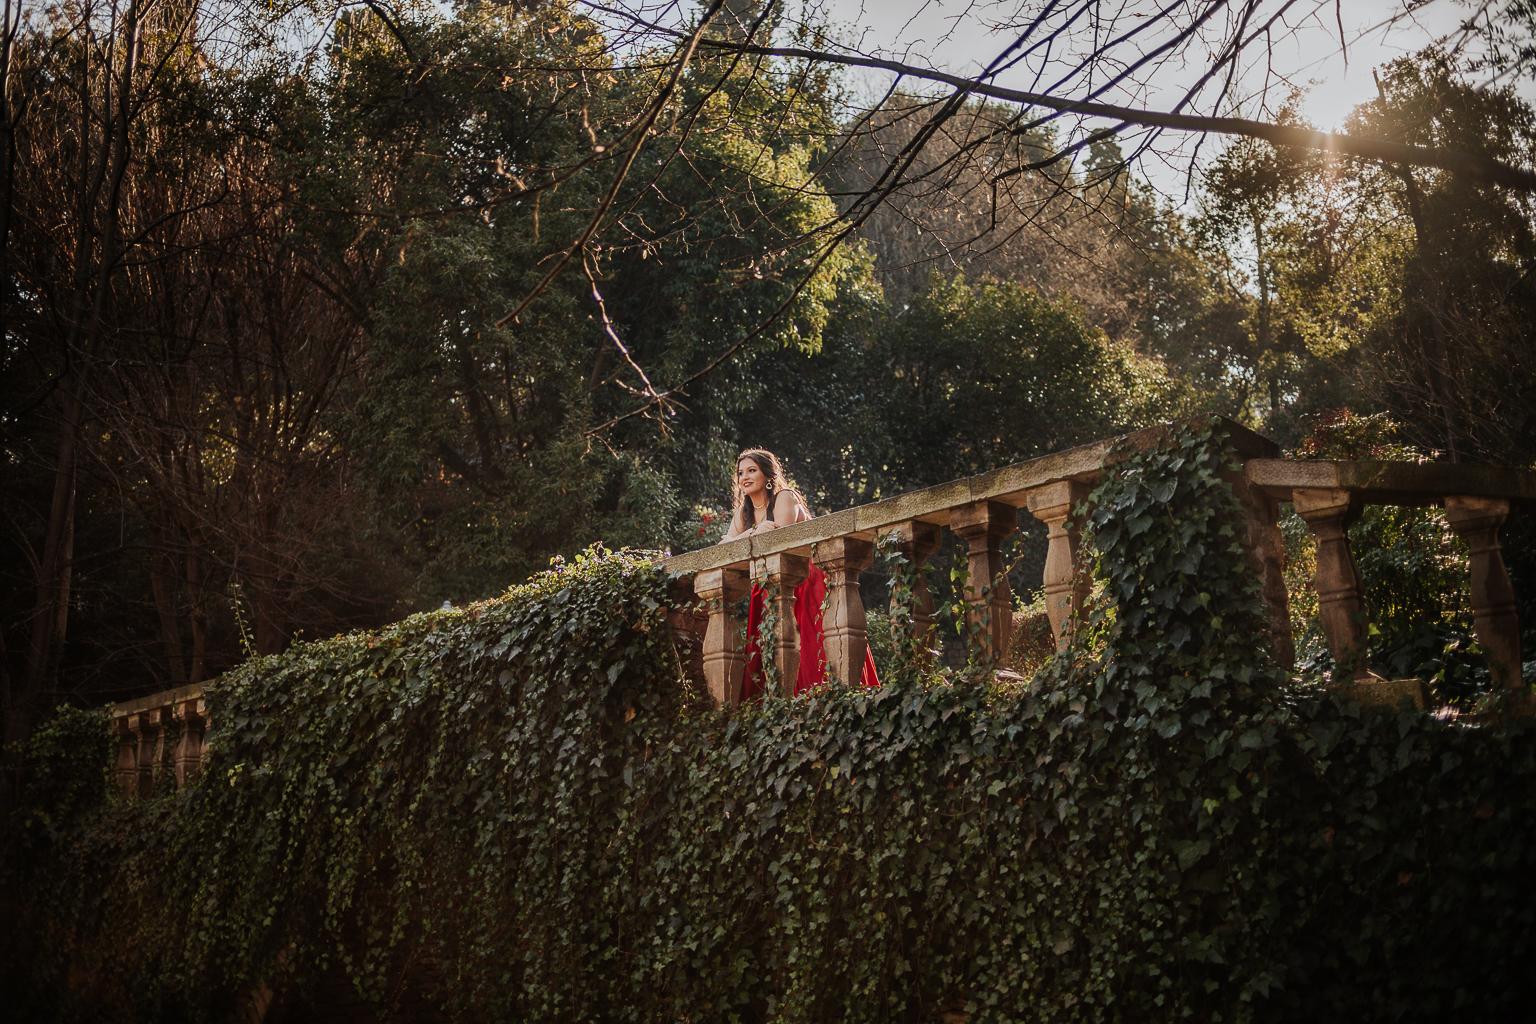 fotógrafo sant cugat :: fotógrafo de quinceanera :: fotografía natural